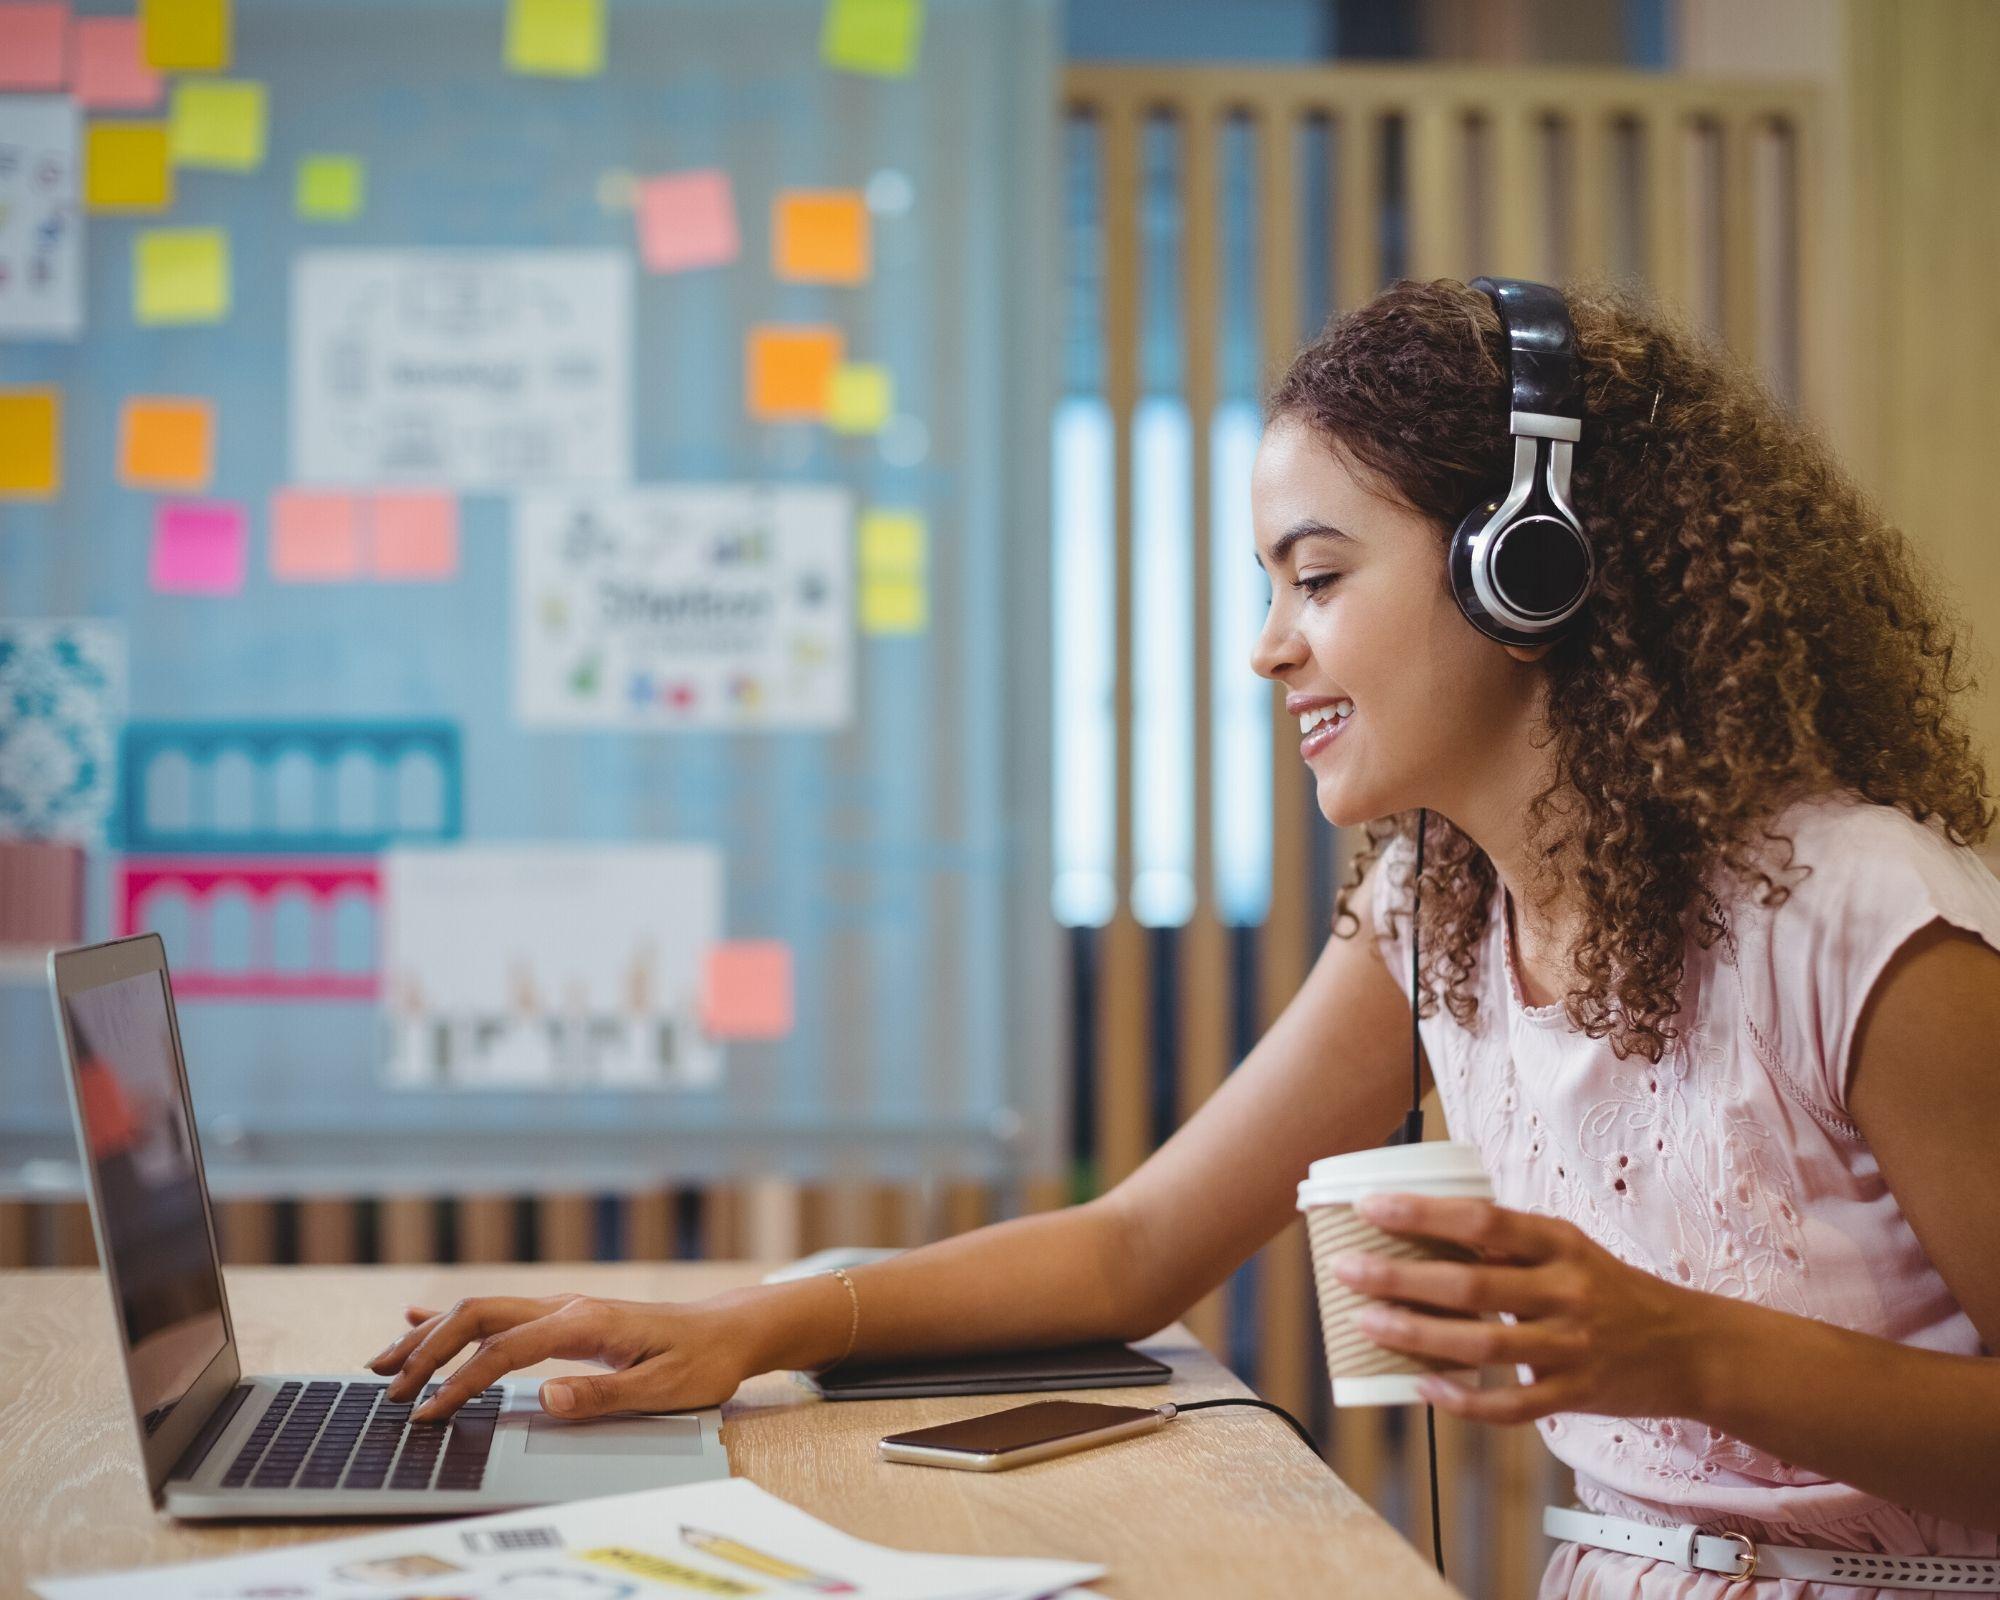 Como aprender fácilmente inglés escuchando canciones